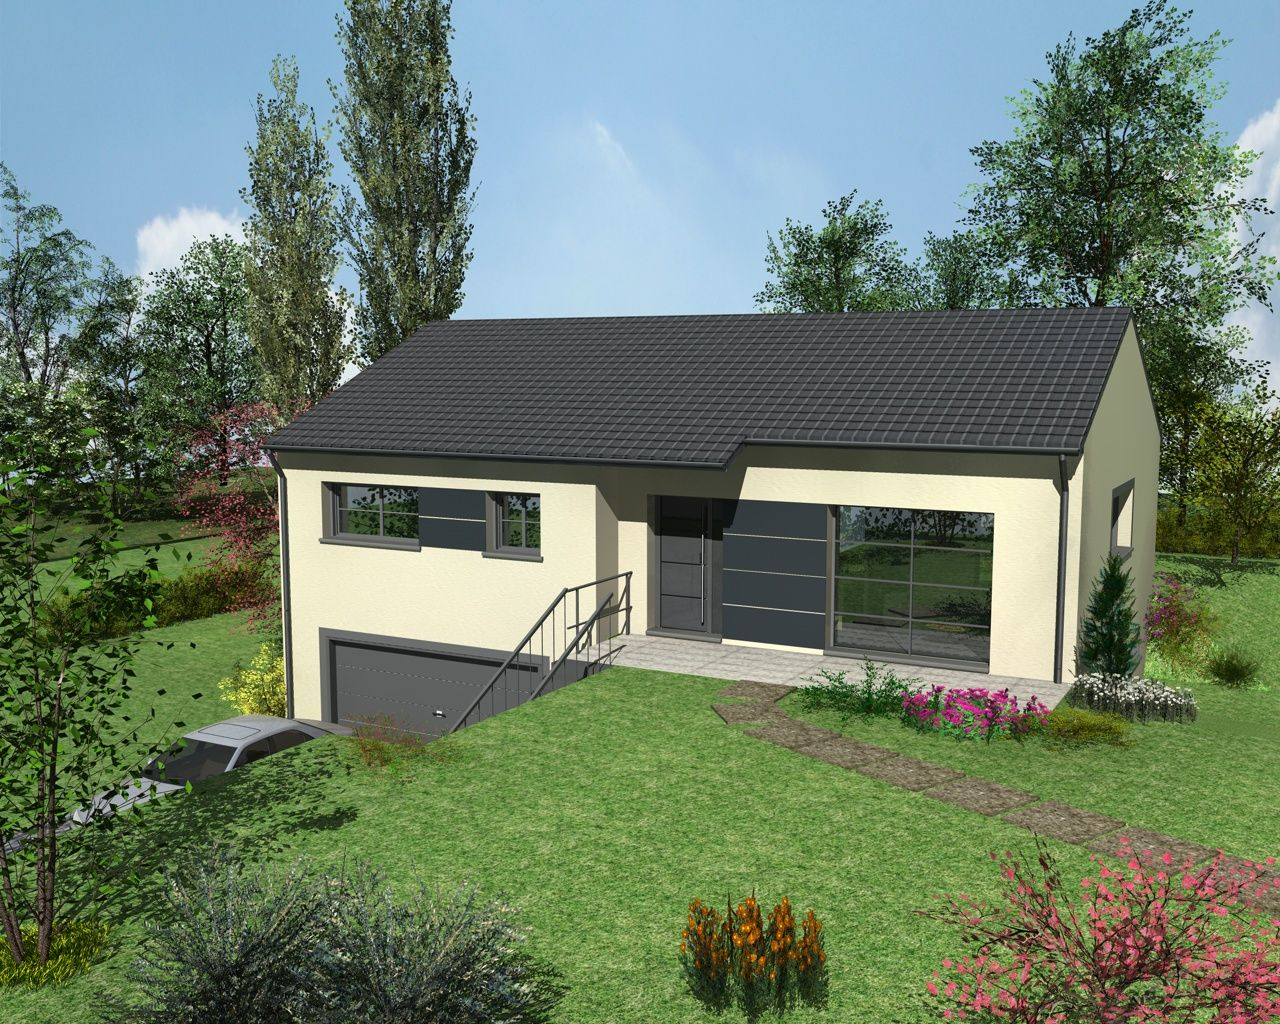 Angèle design est un modèle de maison de style contemporain avec menuiseries grises sur sous sol